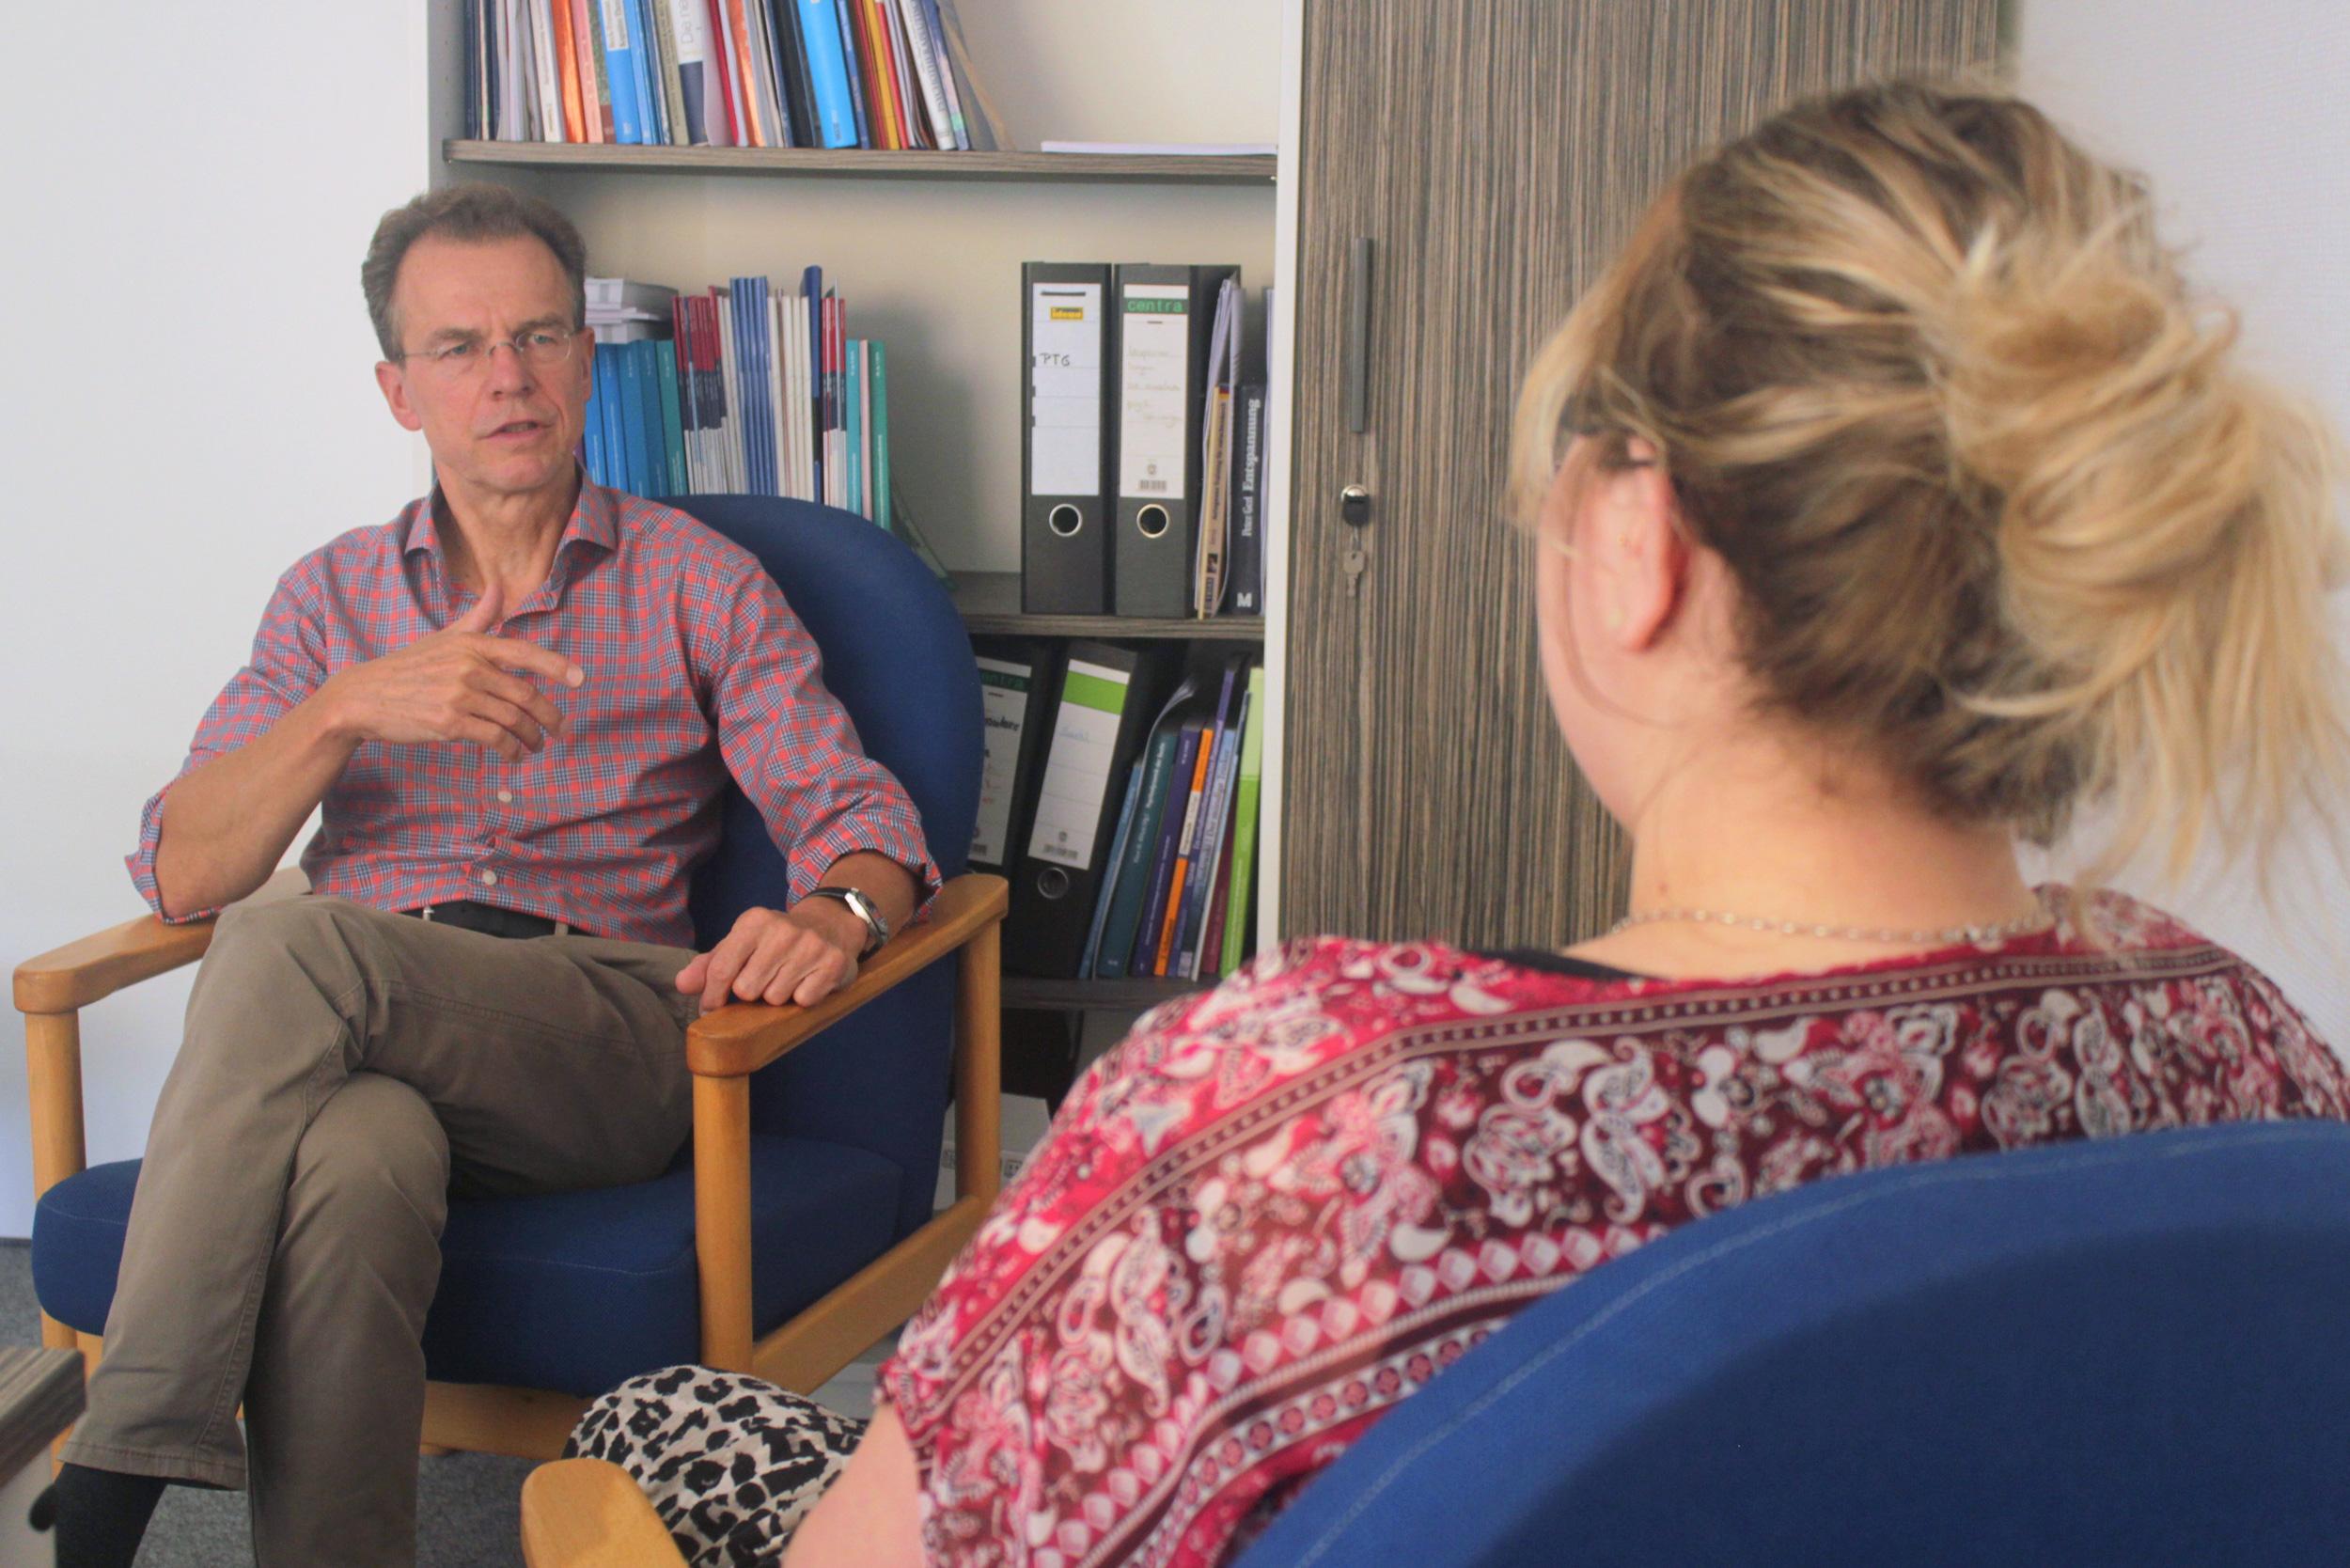 Theresa Lange im Gespräch mit dem Psycotherapeuten Michael Sauerland. Foto: Jessica Hanack